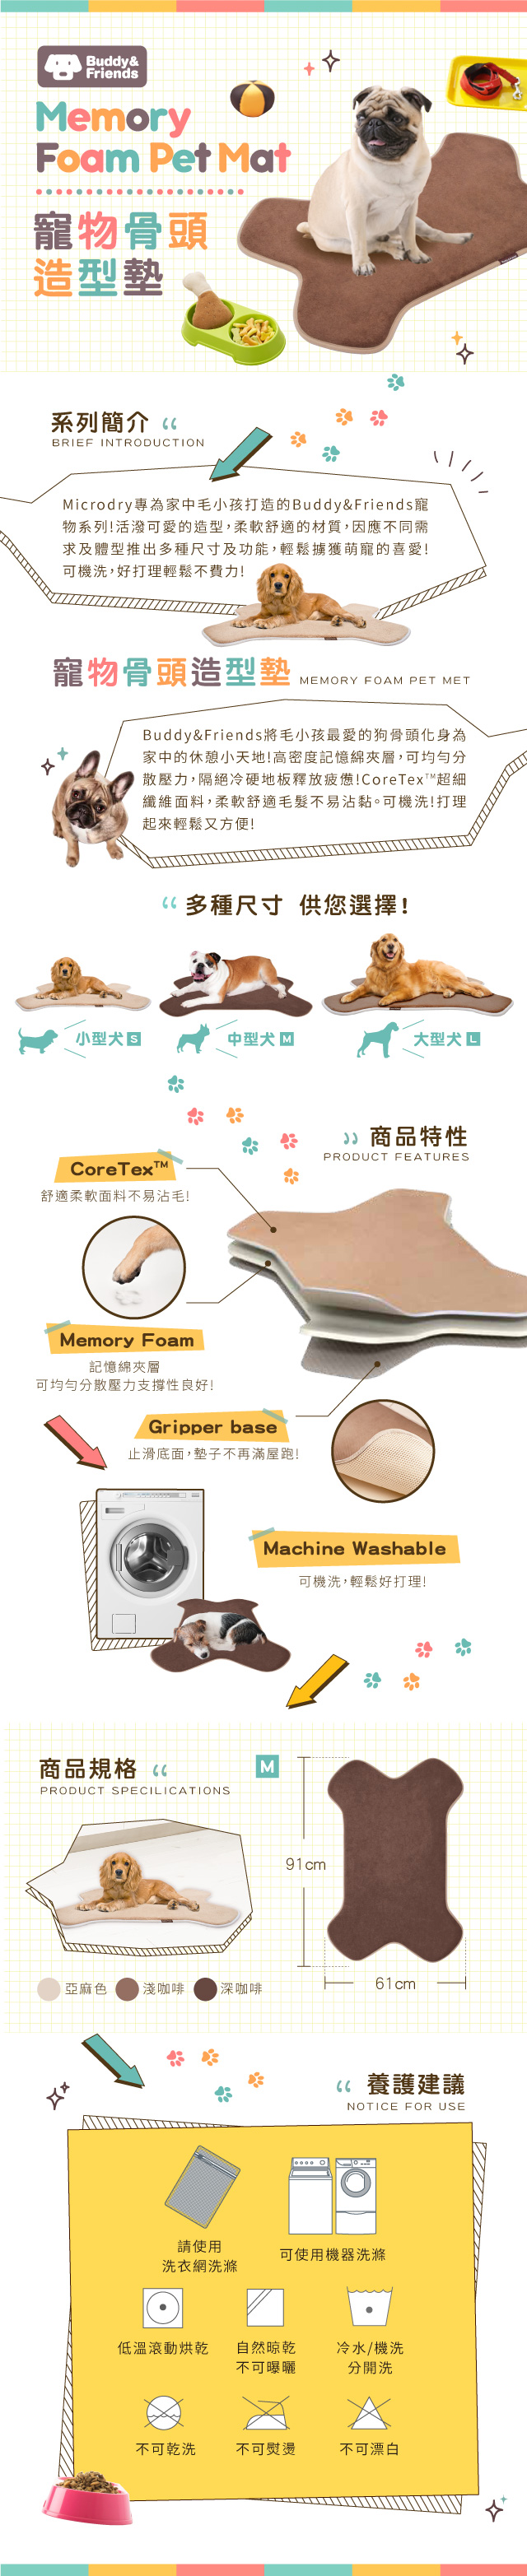 (複製)Buddy&Friends 寵物骨頭造型墊-淺咖啡M(61x91cm)